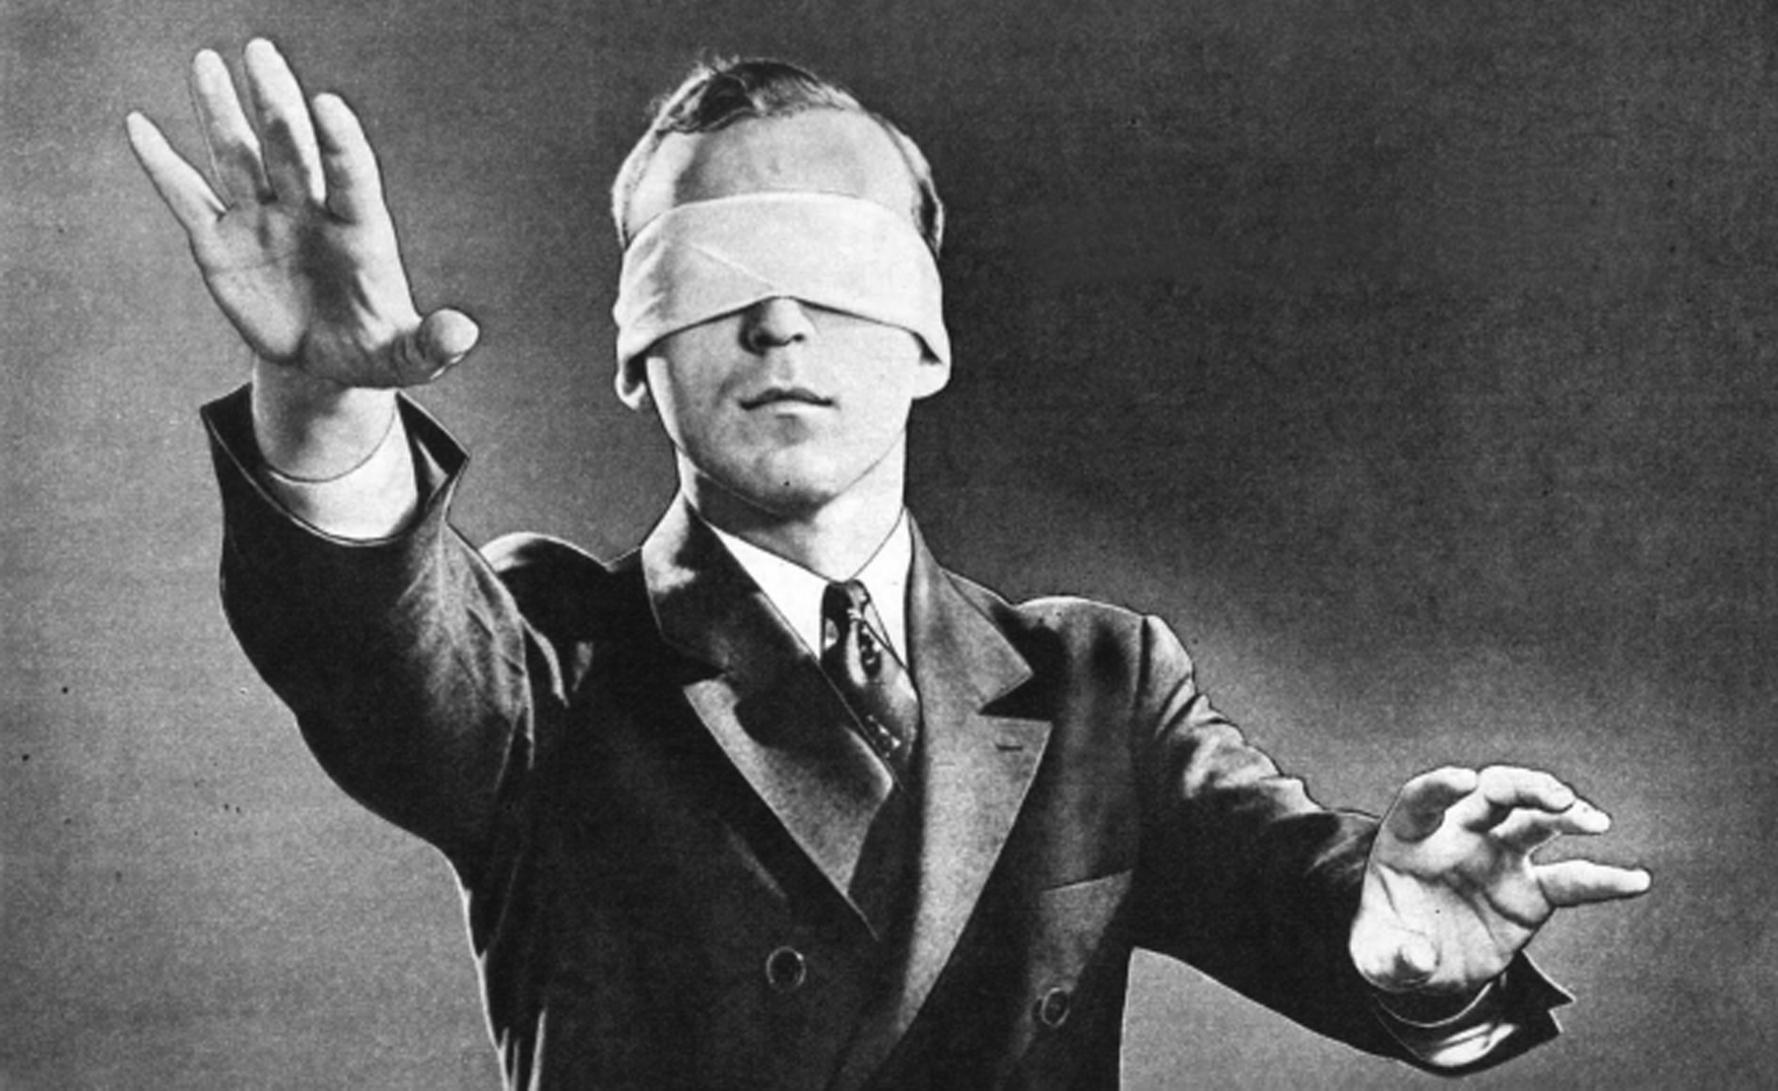 Por que somos cegos diante do óbvio?